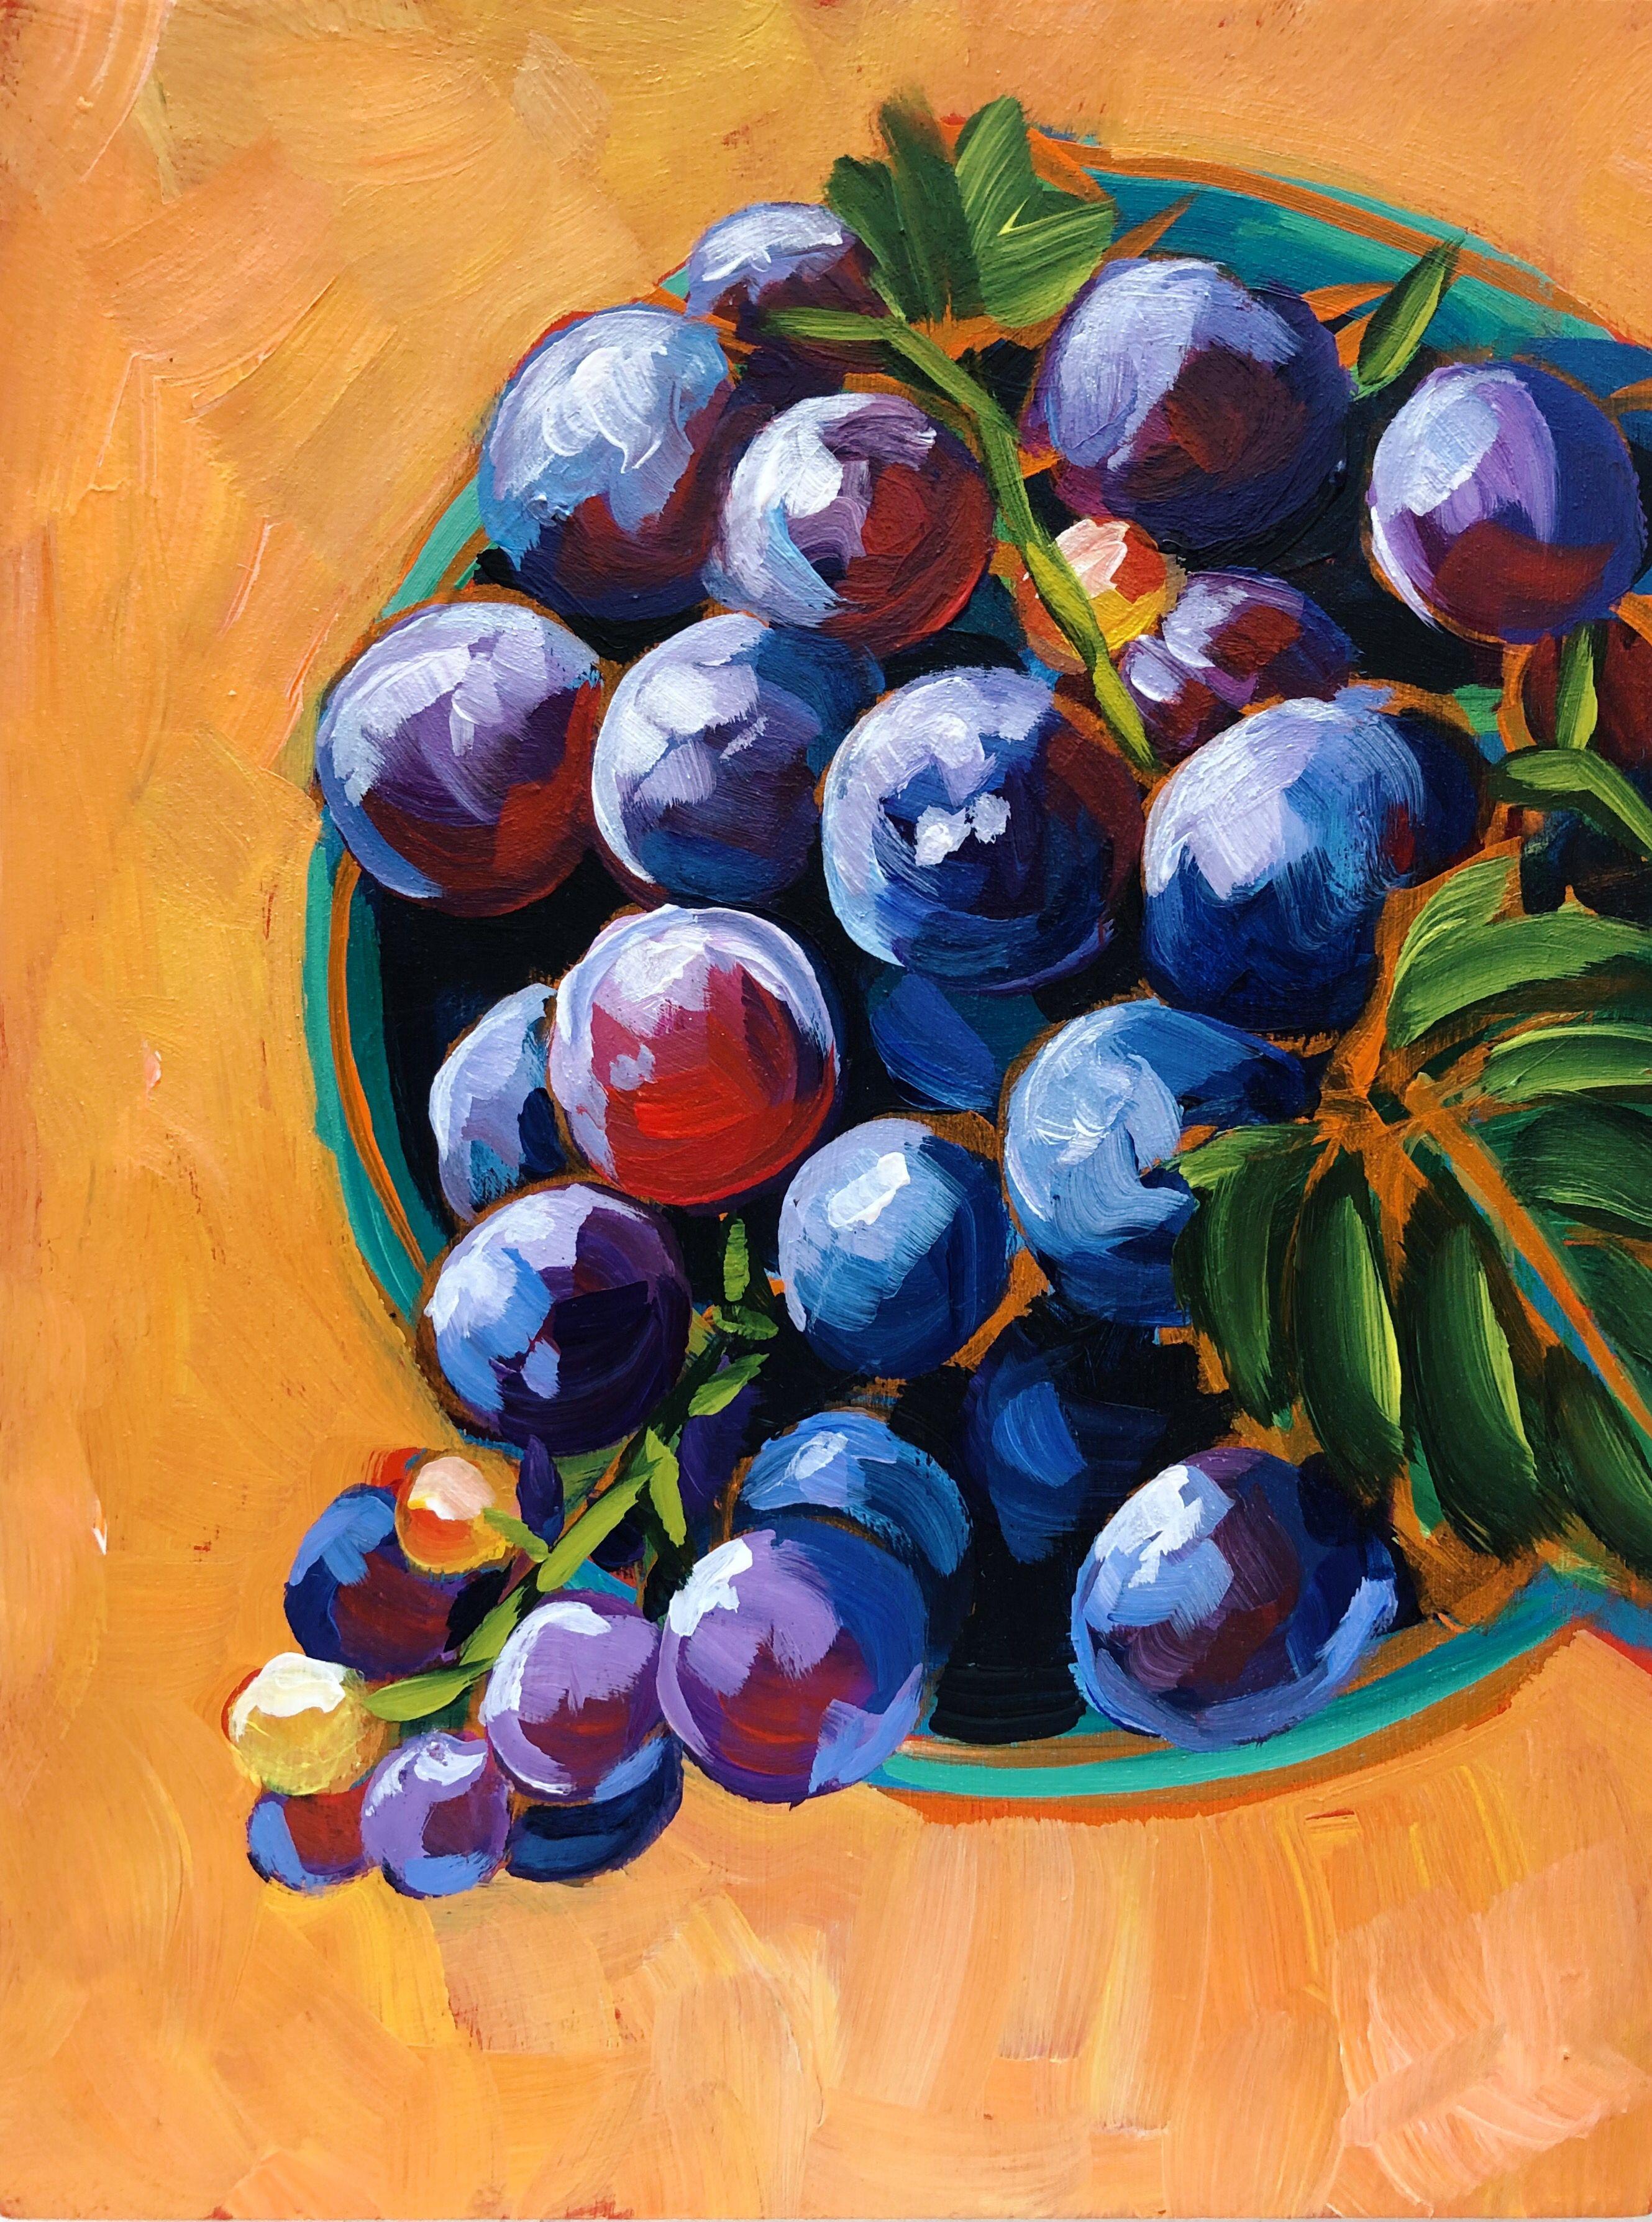 Pin by Jen Murphy on Art in 2020 Grape painting, Art